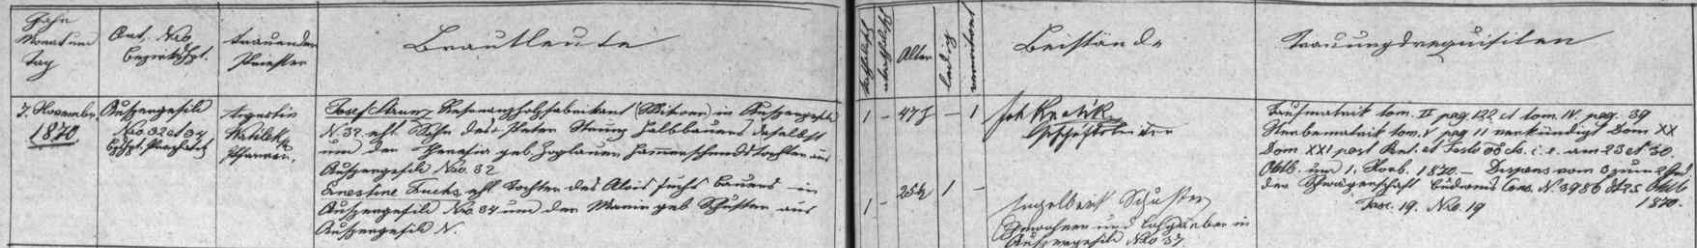 Záznam kvildské oddací matriky o otcově druhé svatbě s Ernestinou, roz. Schusterovou